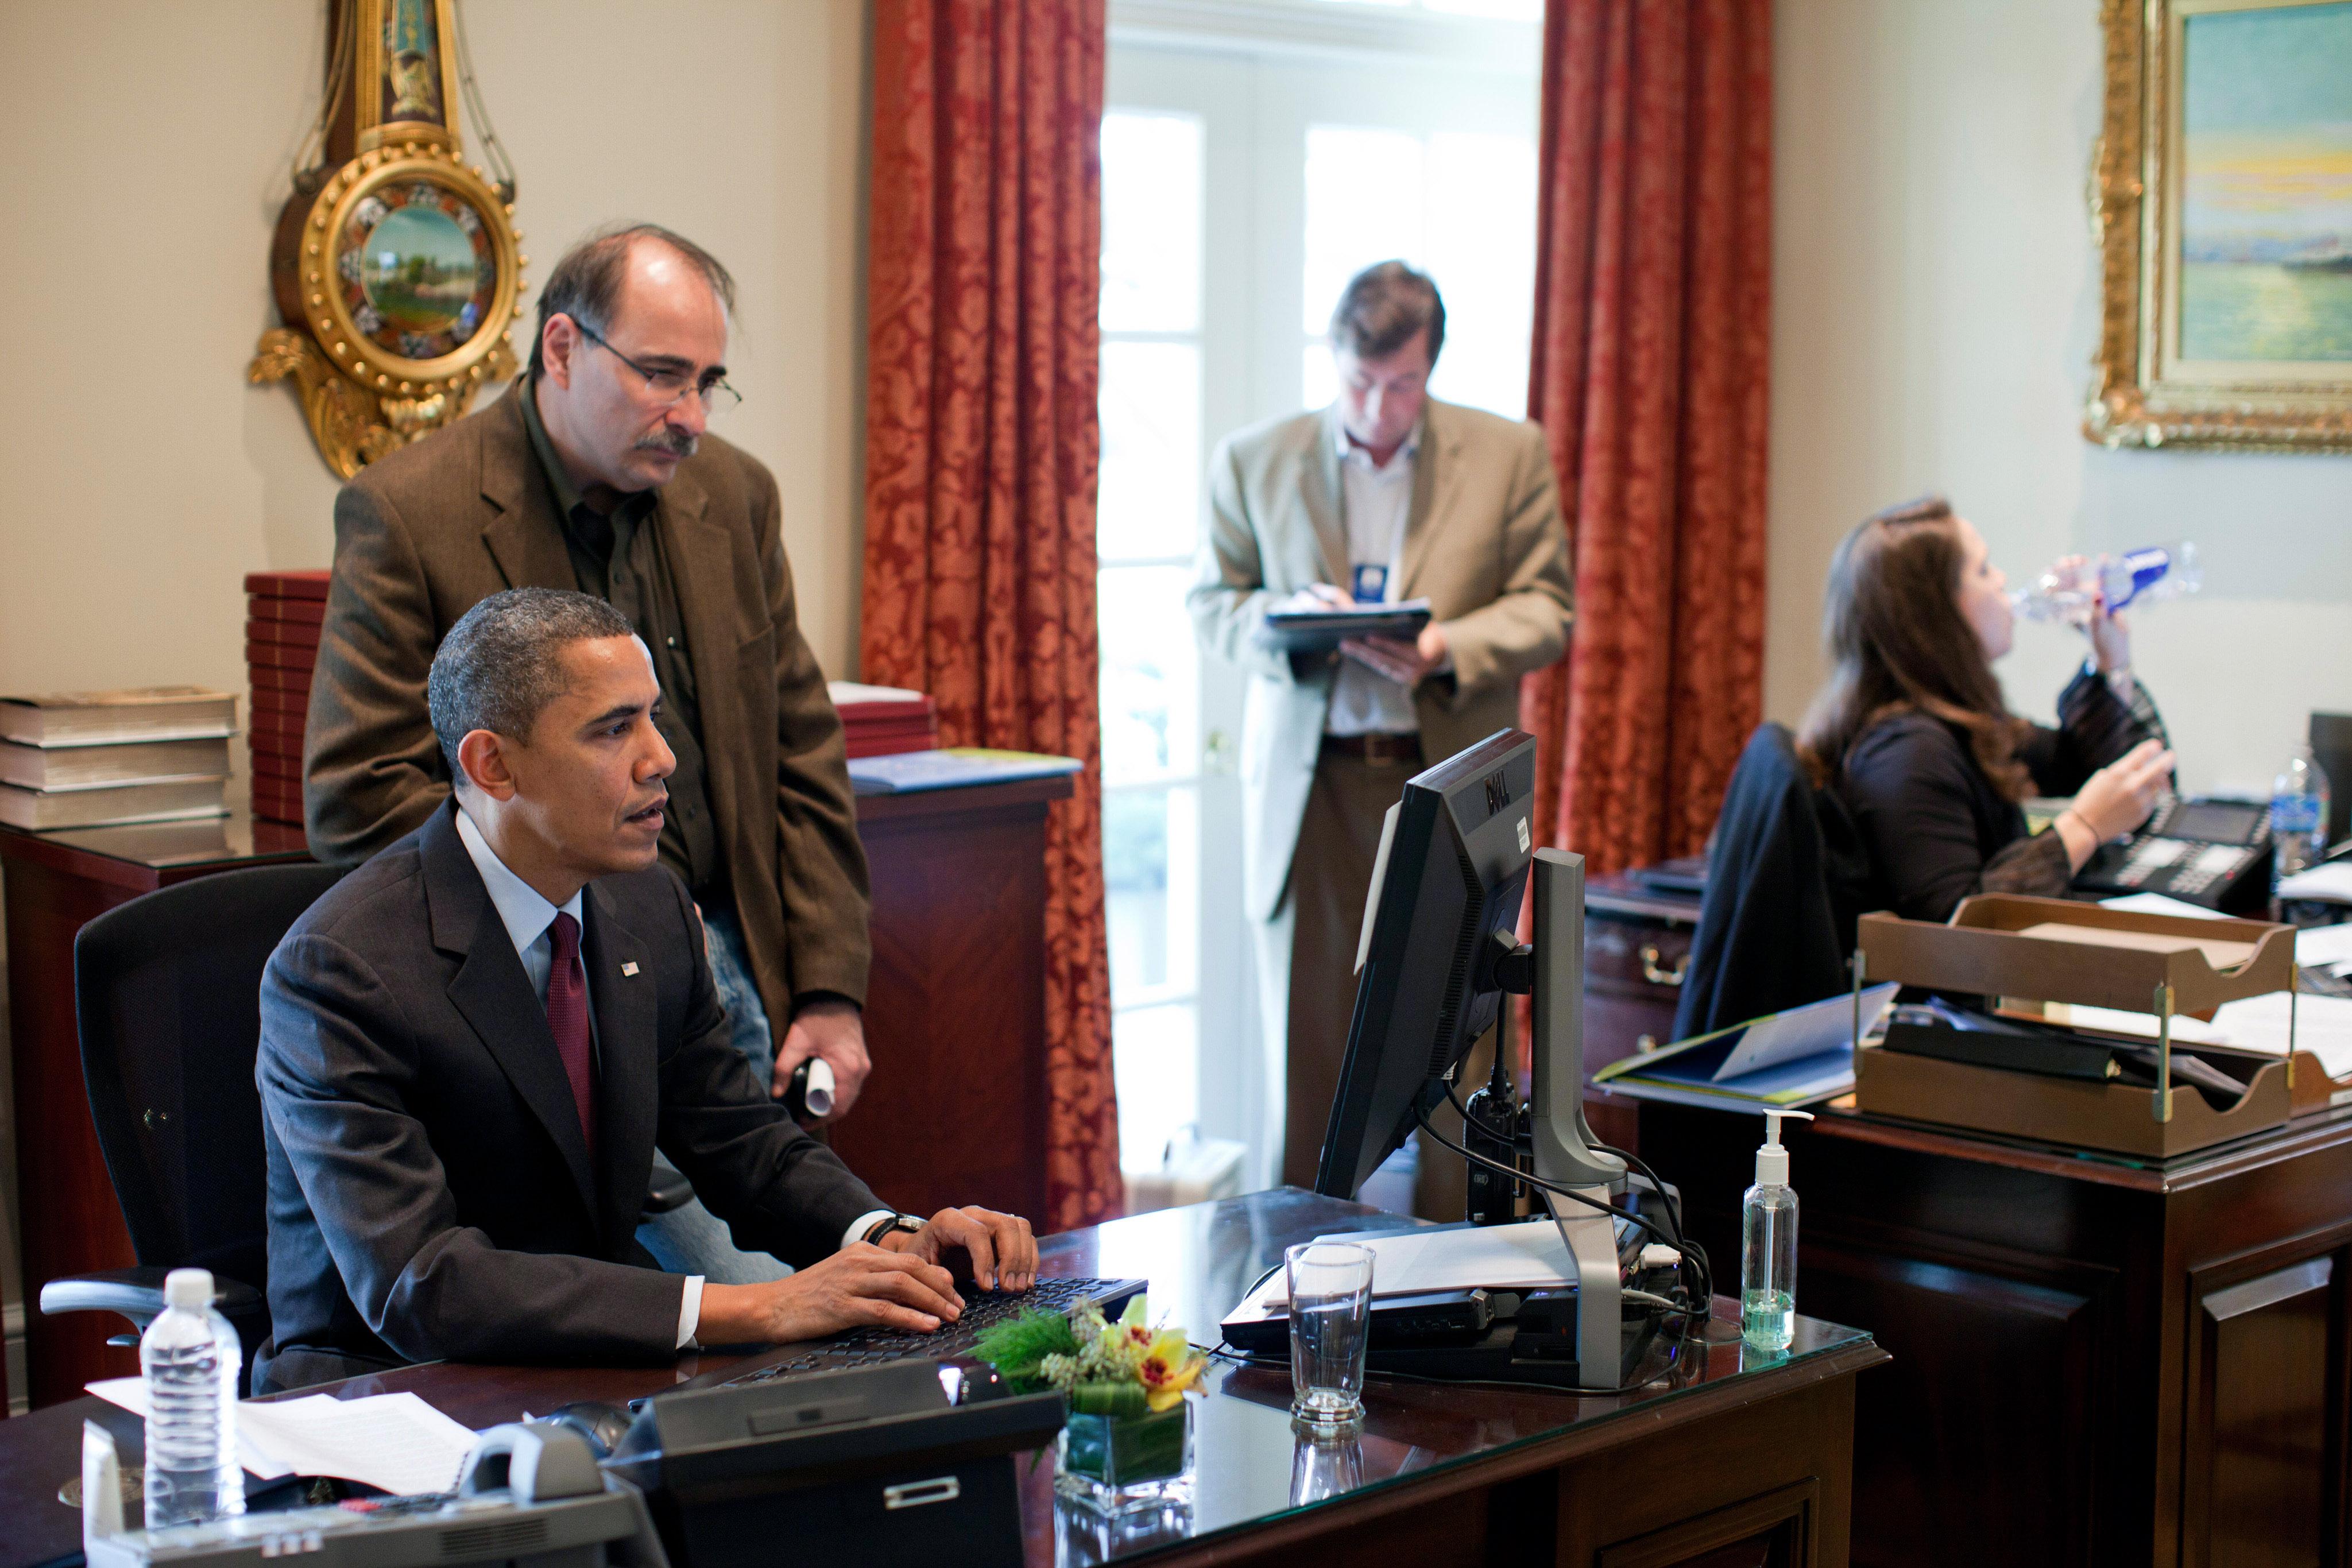 Filepresident Barack Obama And Senior Advisor David Axelrod Work On